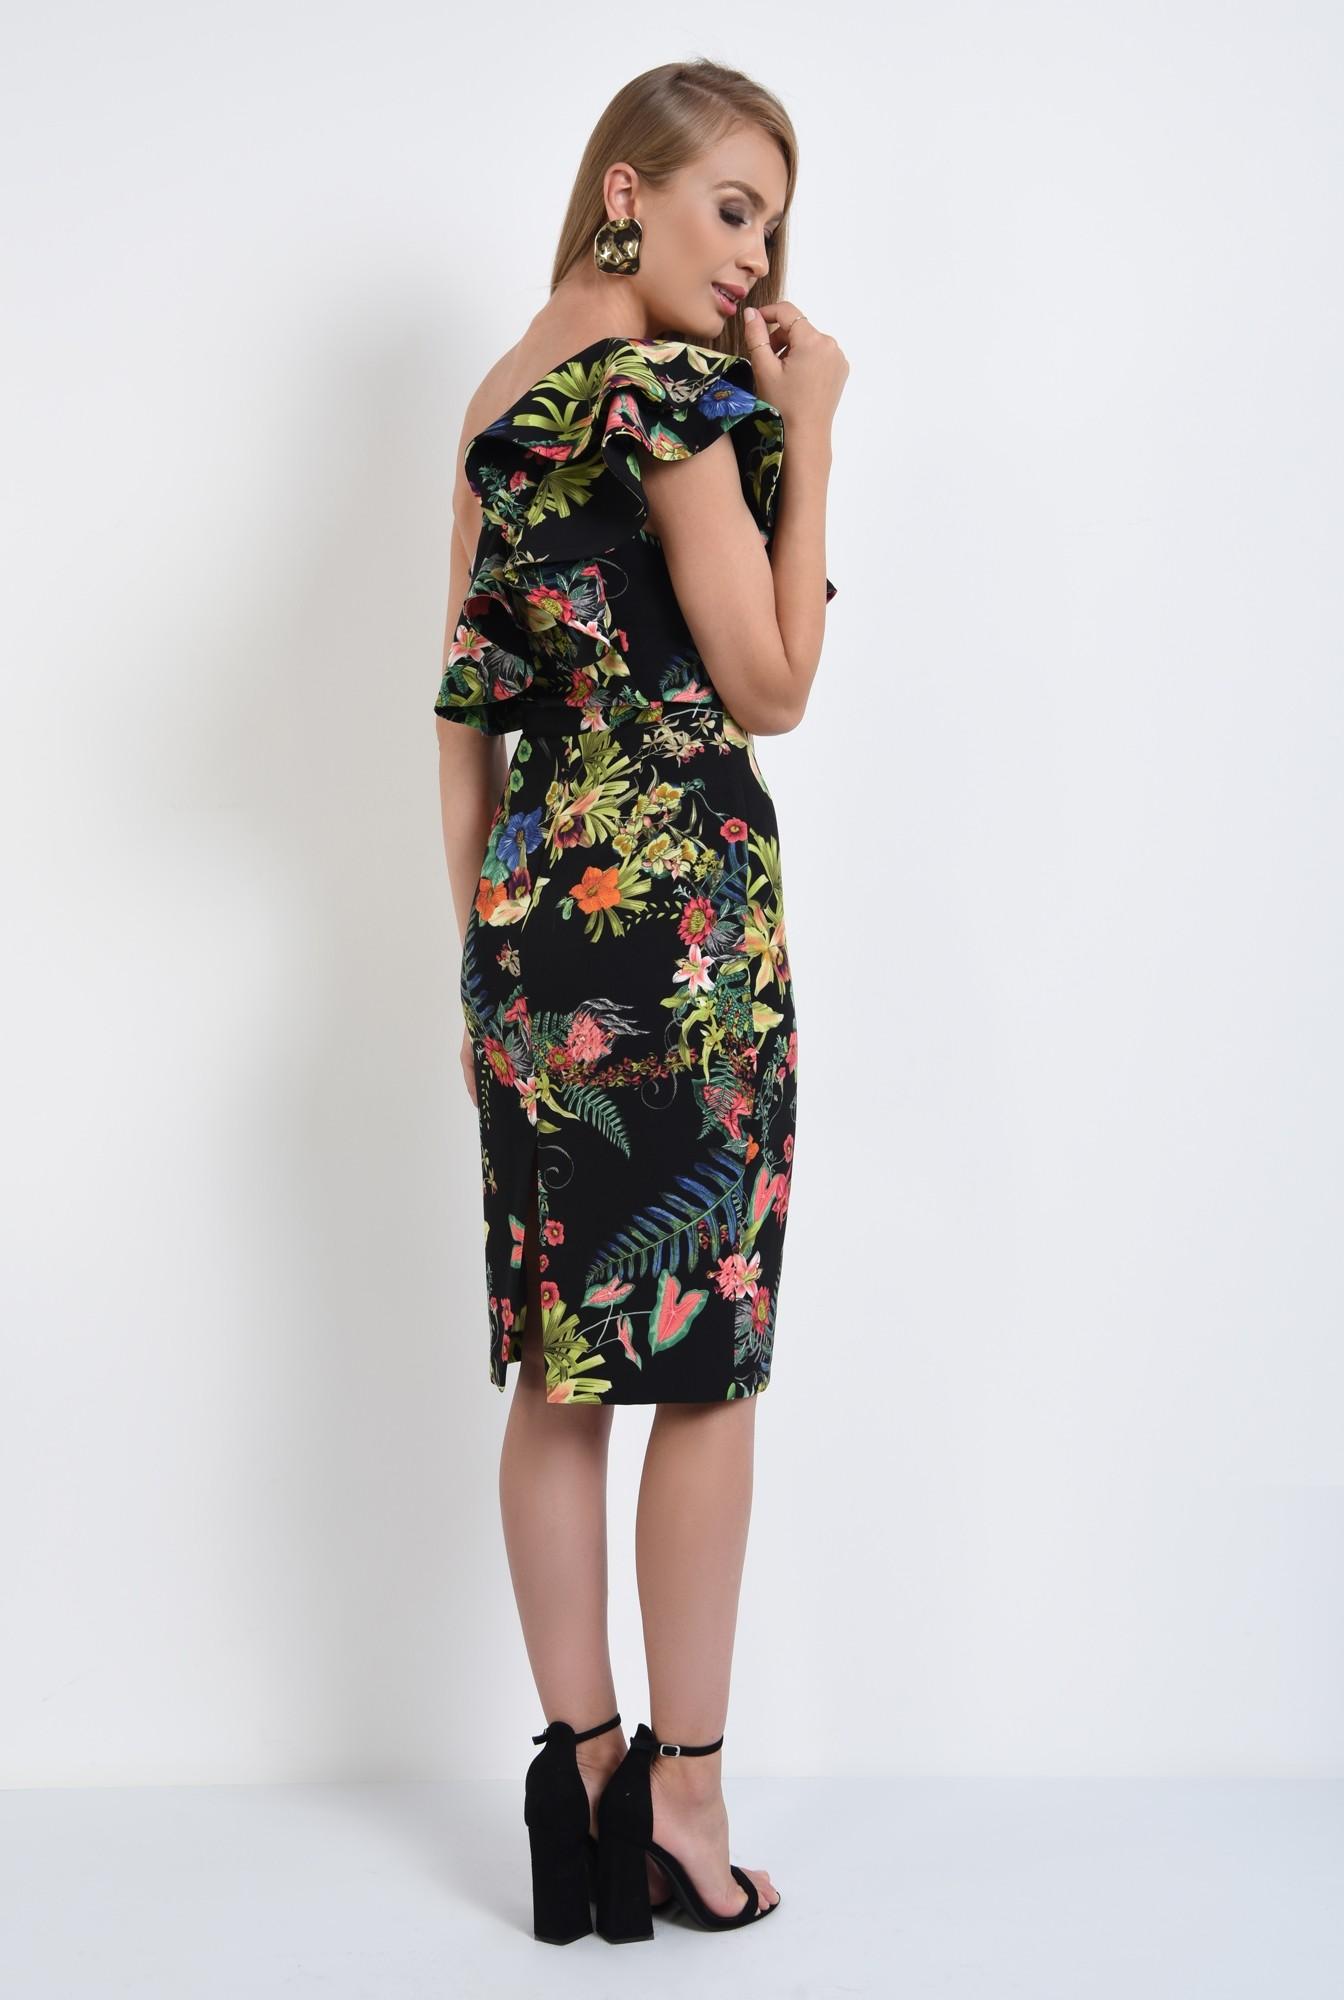 1 - 360 - rochii online, rochie cambrata, cu flori, umar dezgolit